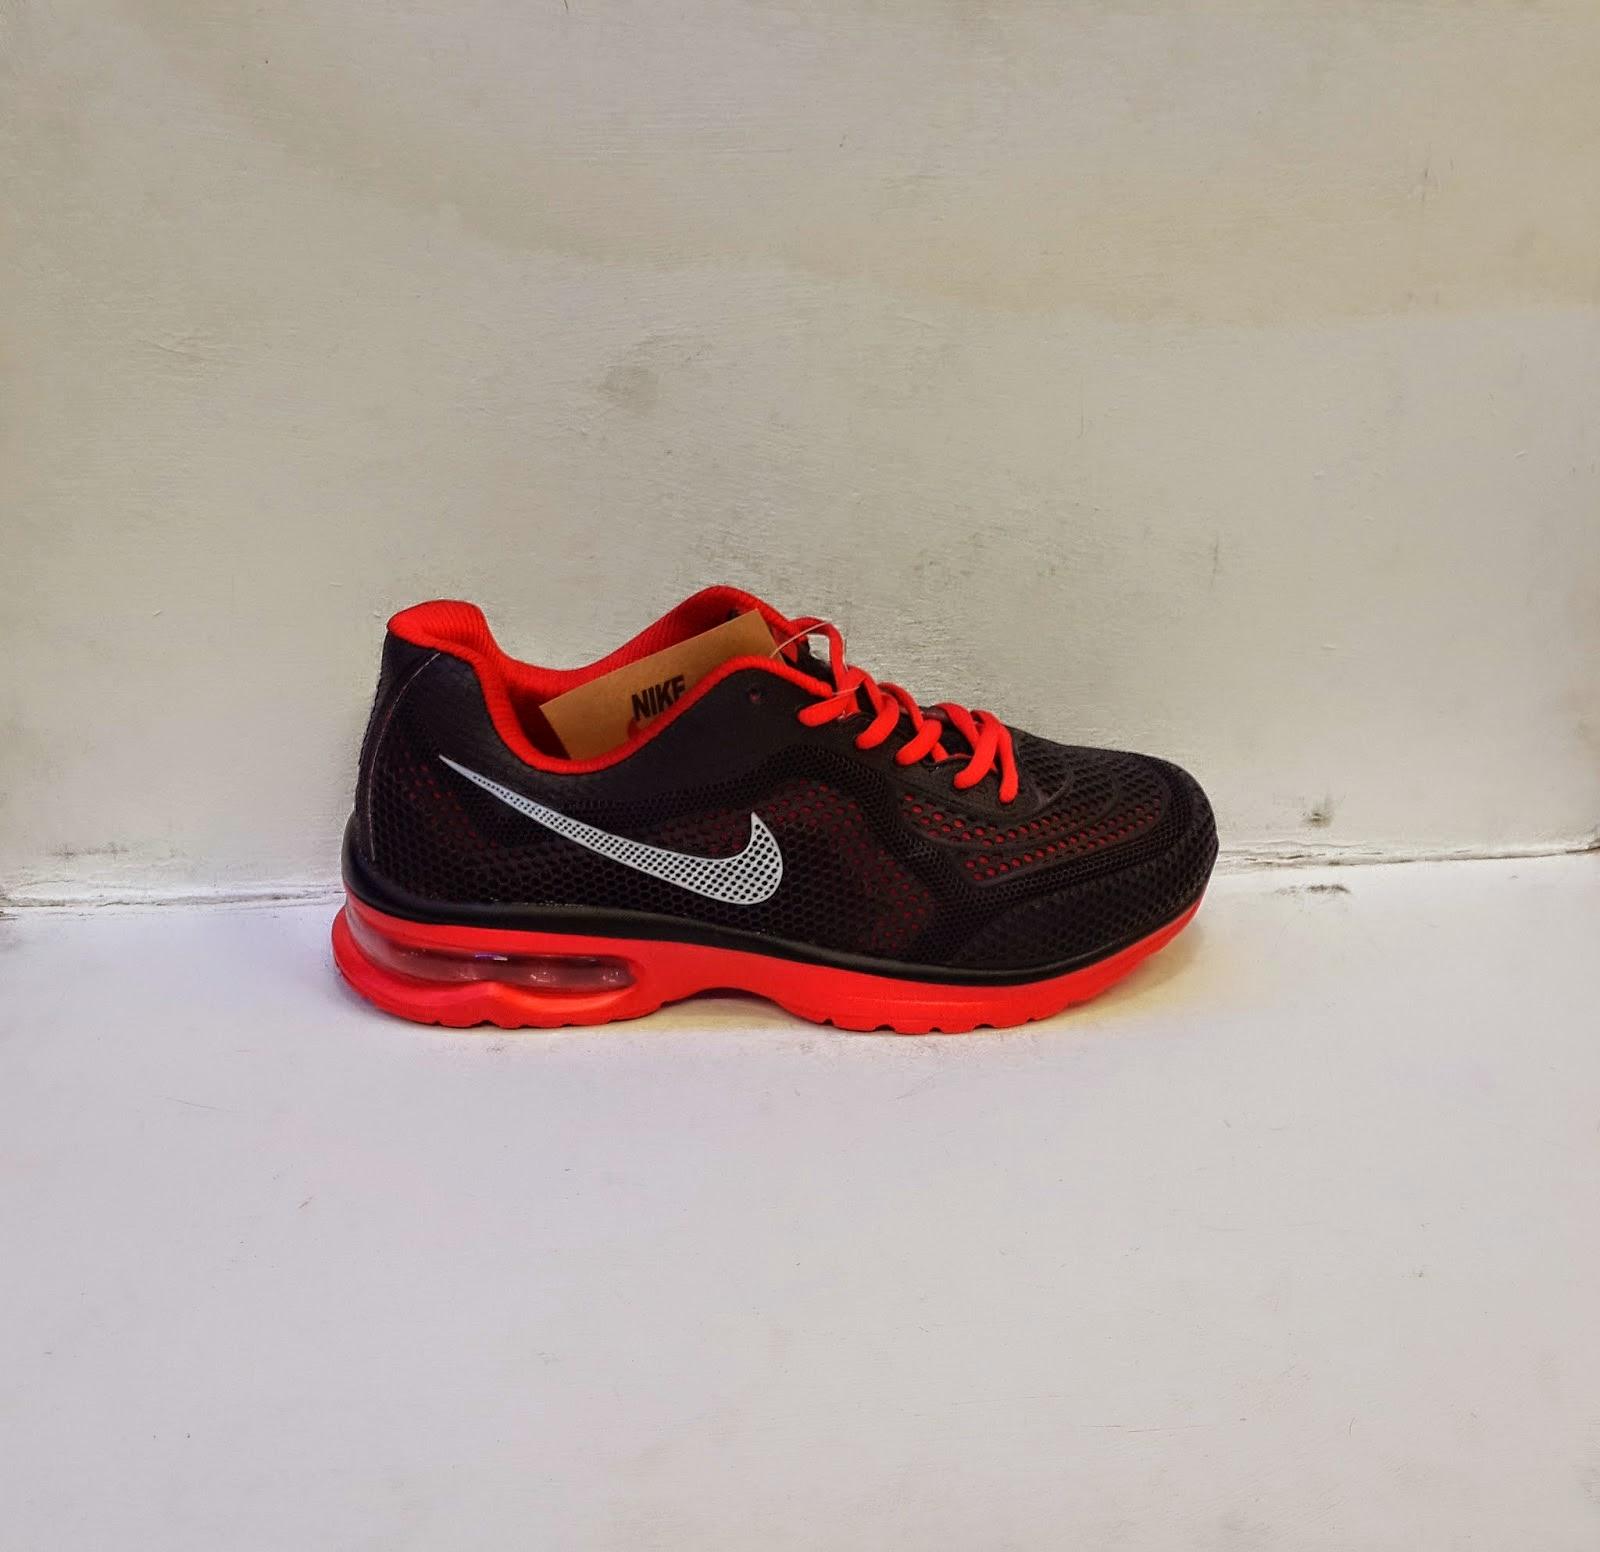 Sepatu Nike Cowok Murah